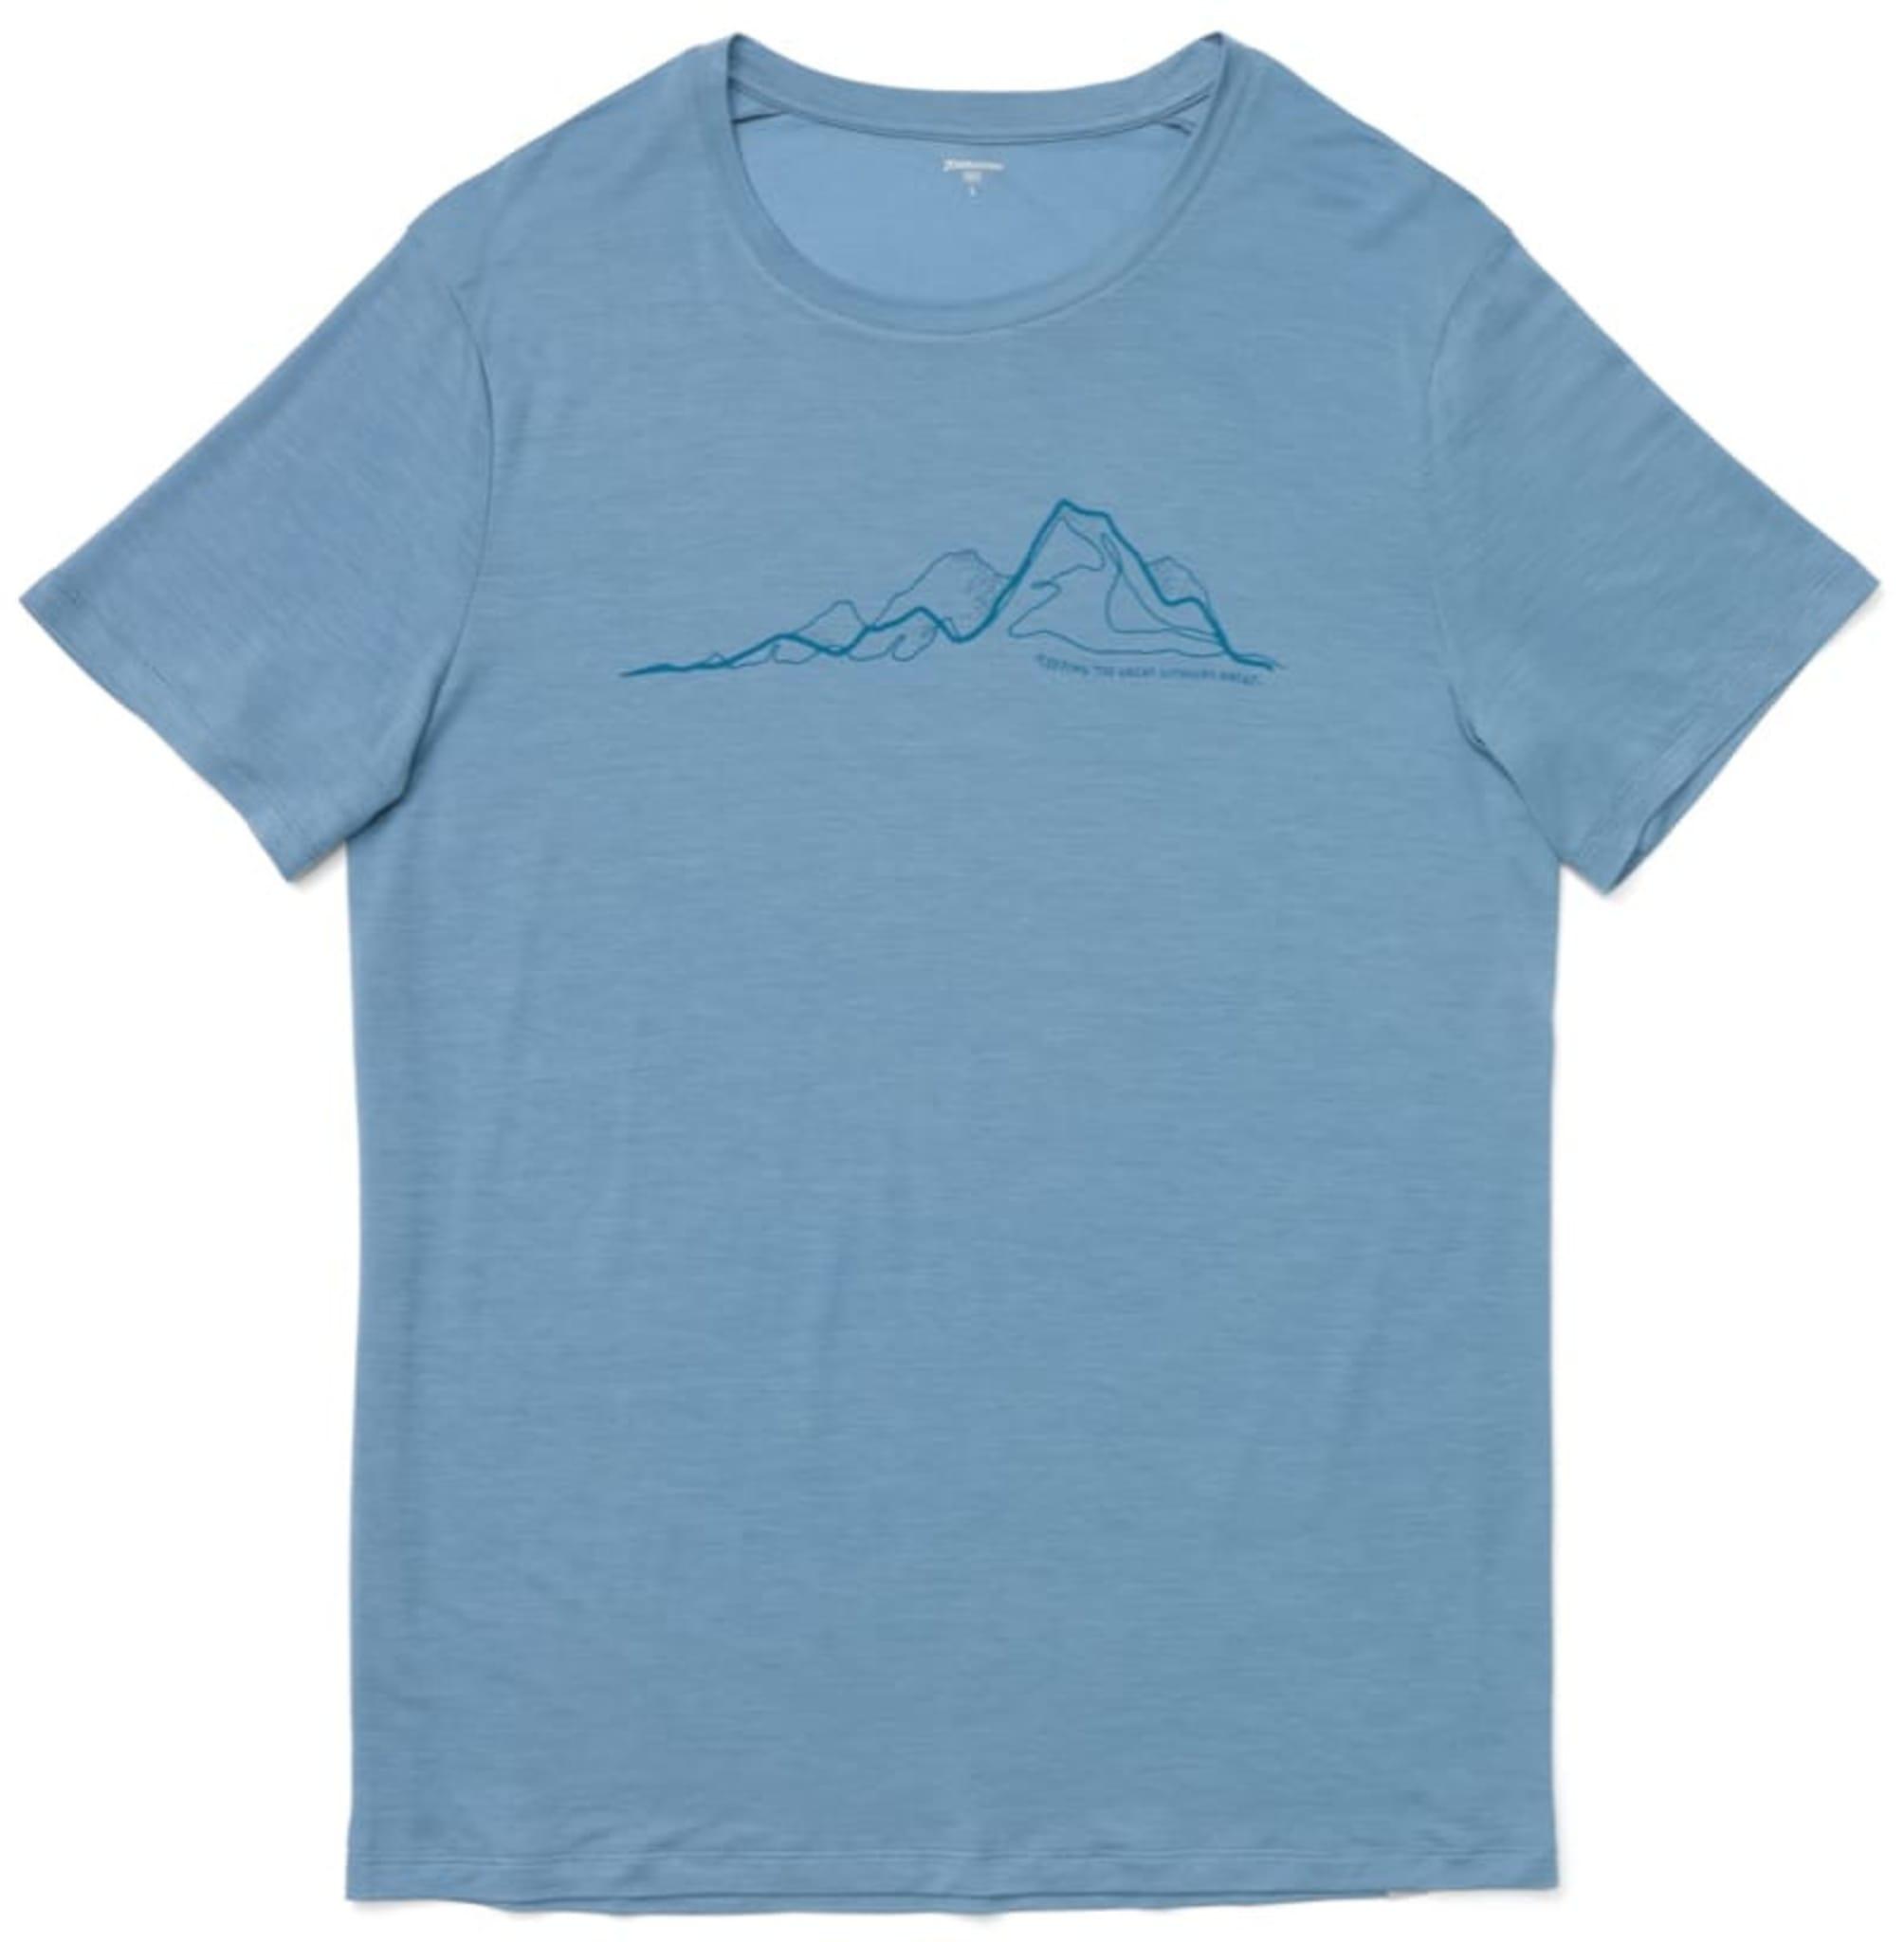 T-skjorte laget av trekjerner